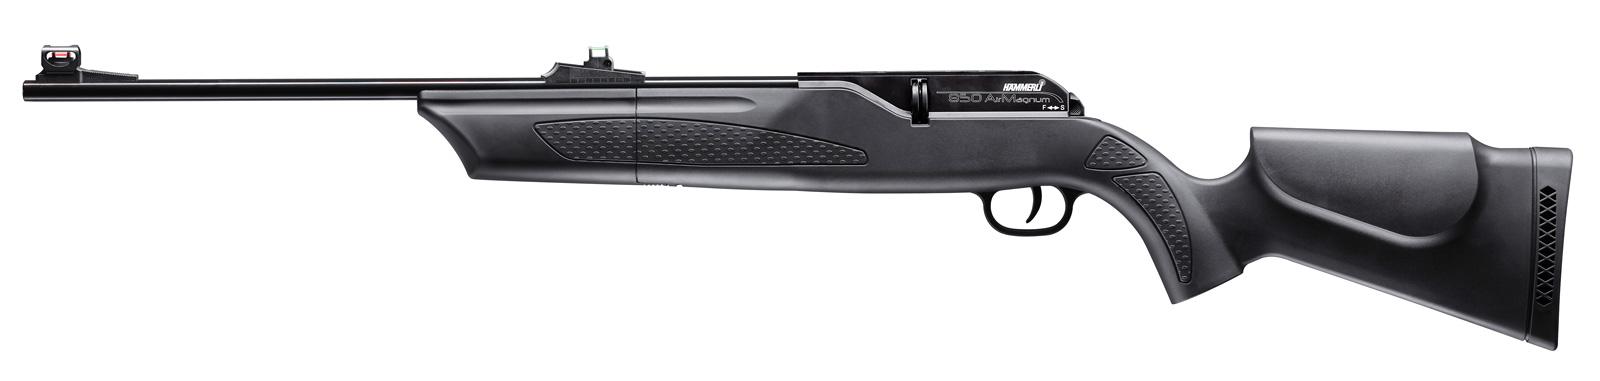 Hämmerli 850 Air-Magnum